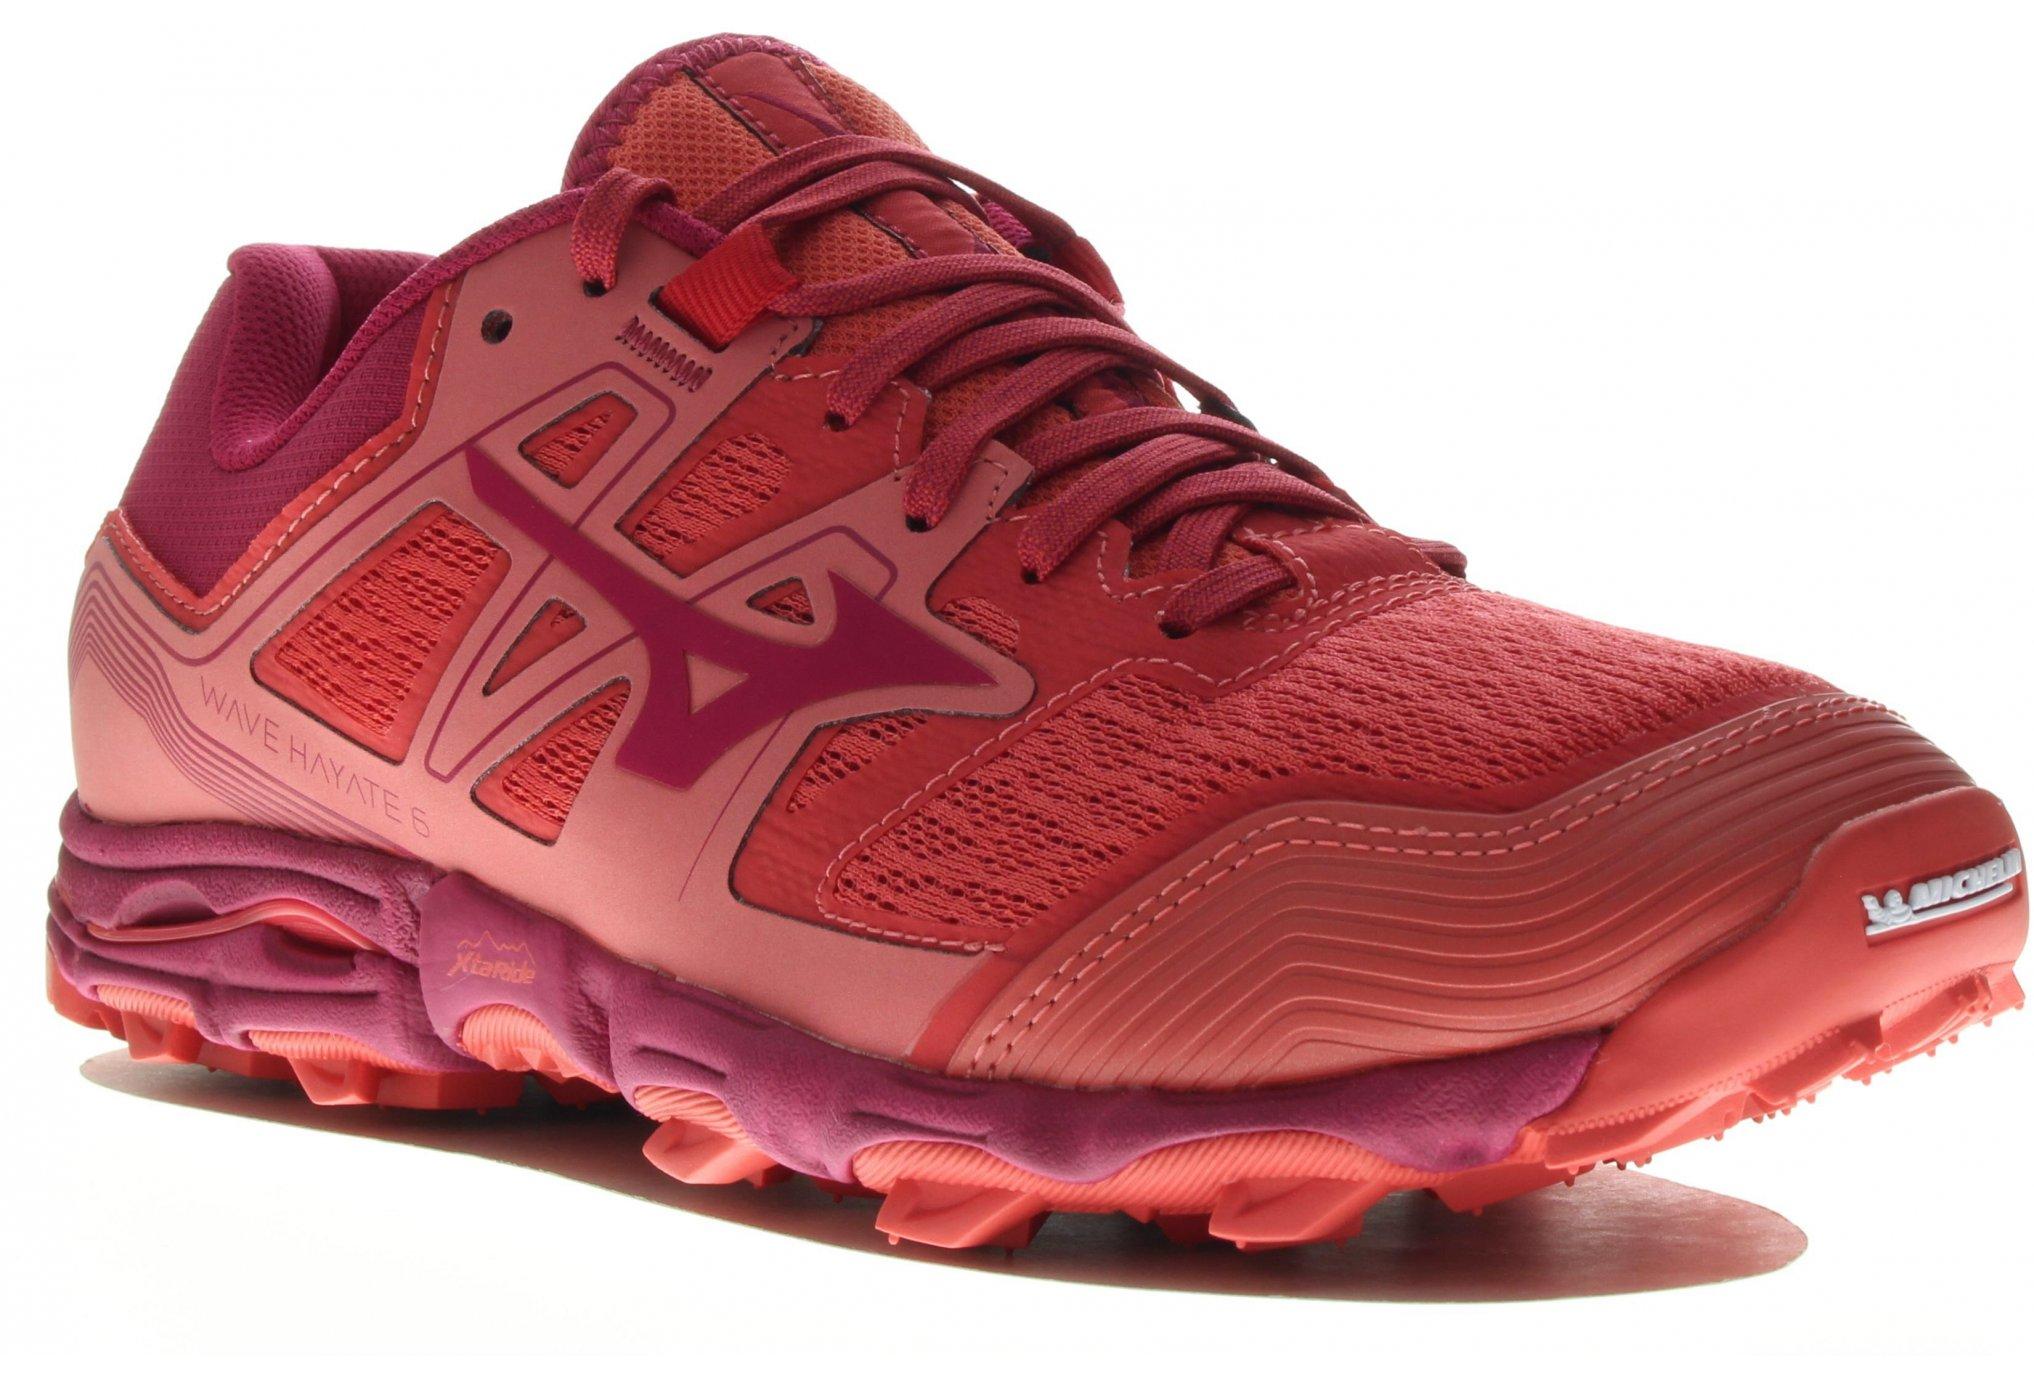 Mizuno Hayate 6 W Chaussures running femme